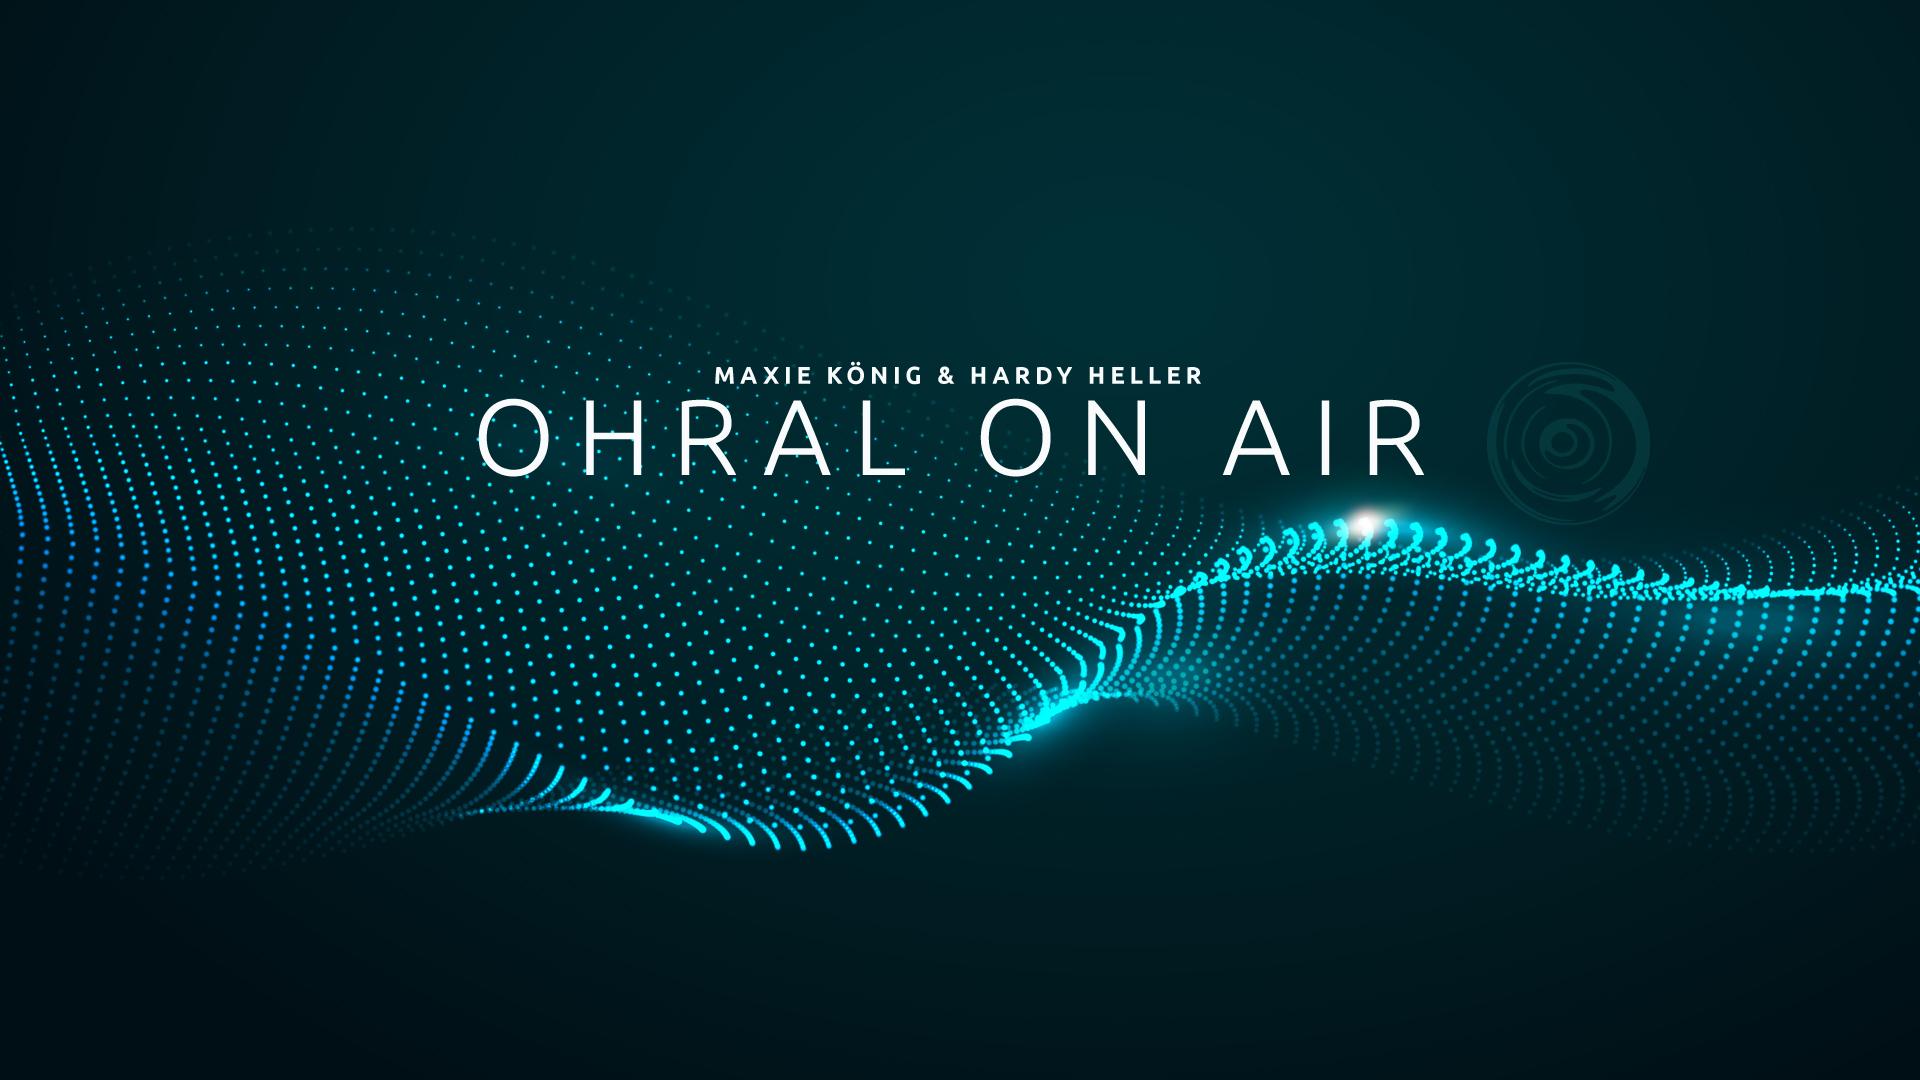 OHRAL ON AIR